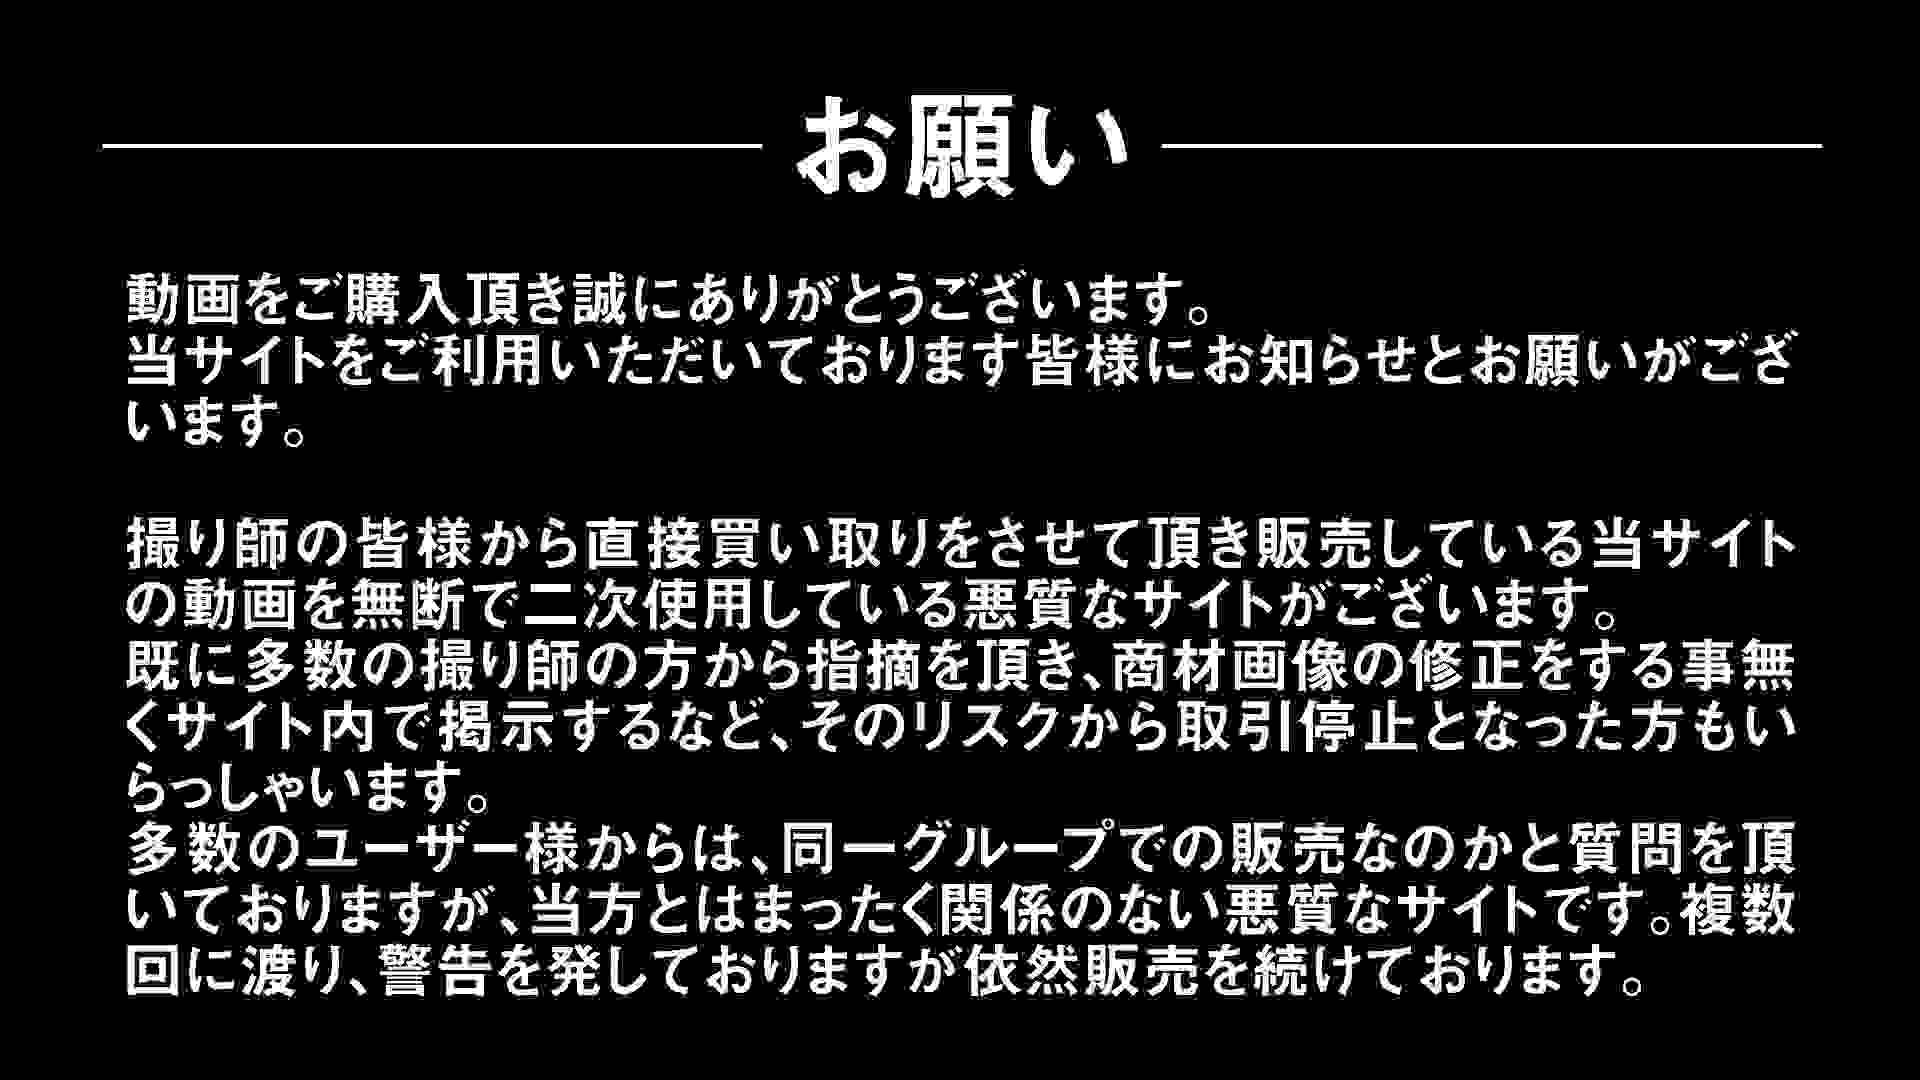 Aquaな露天風呂Vol.296 盗撮シリーズ  102PIX 30